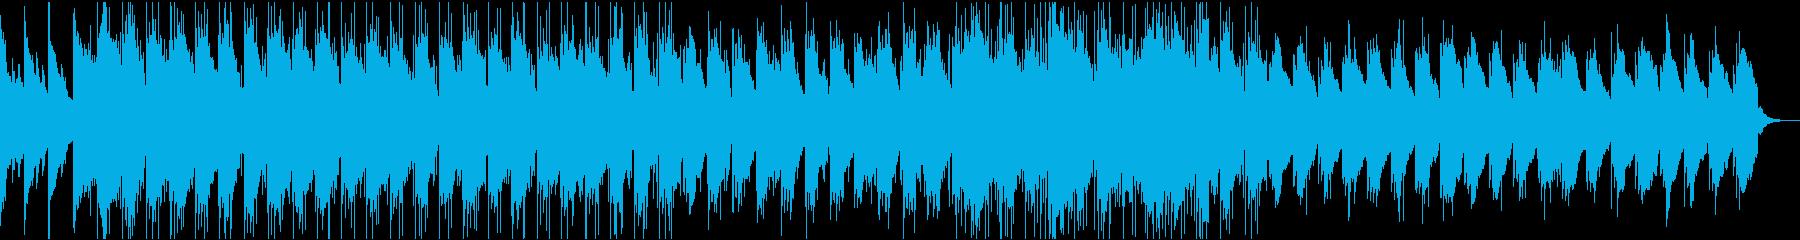 Reverbピアノとドラムの残響メロディの再生済みの波形